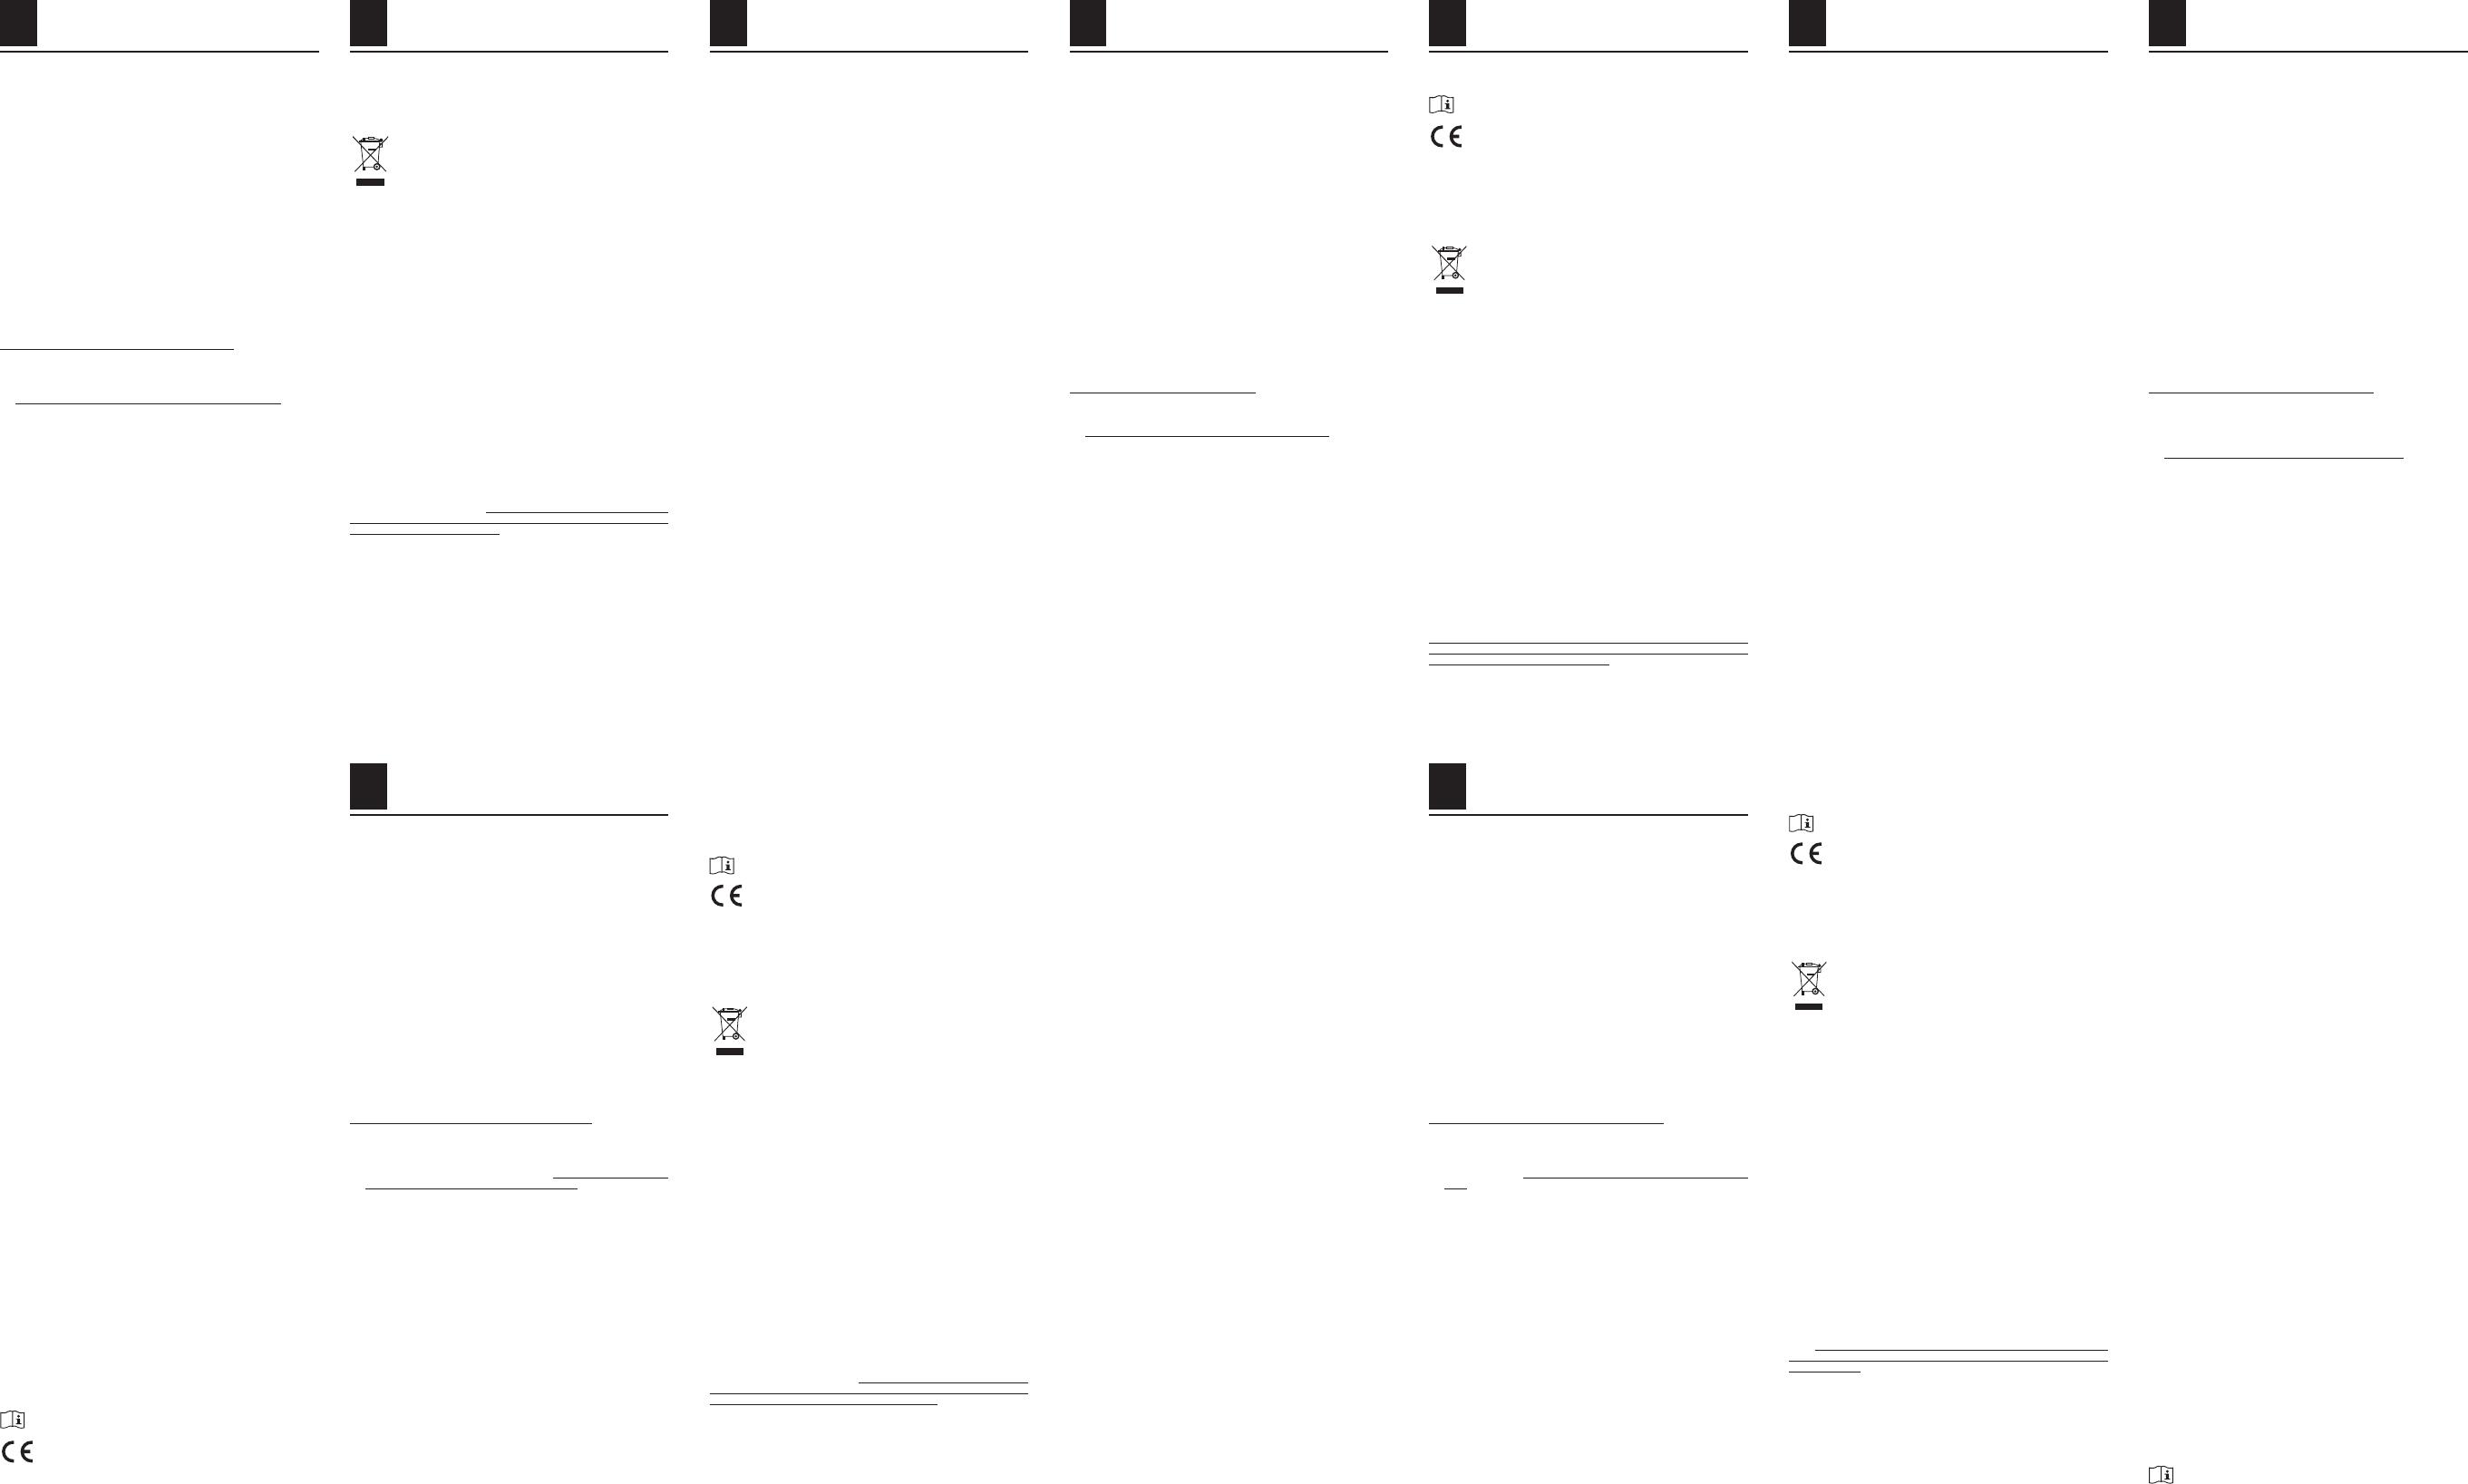 Bedienungsanleitung Laica BX200 Seite 200 von 20 Deutsch ...